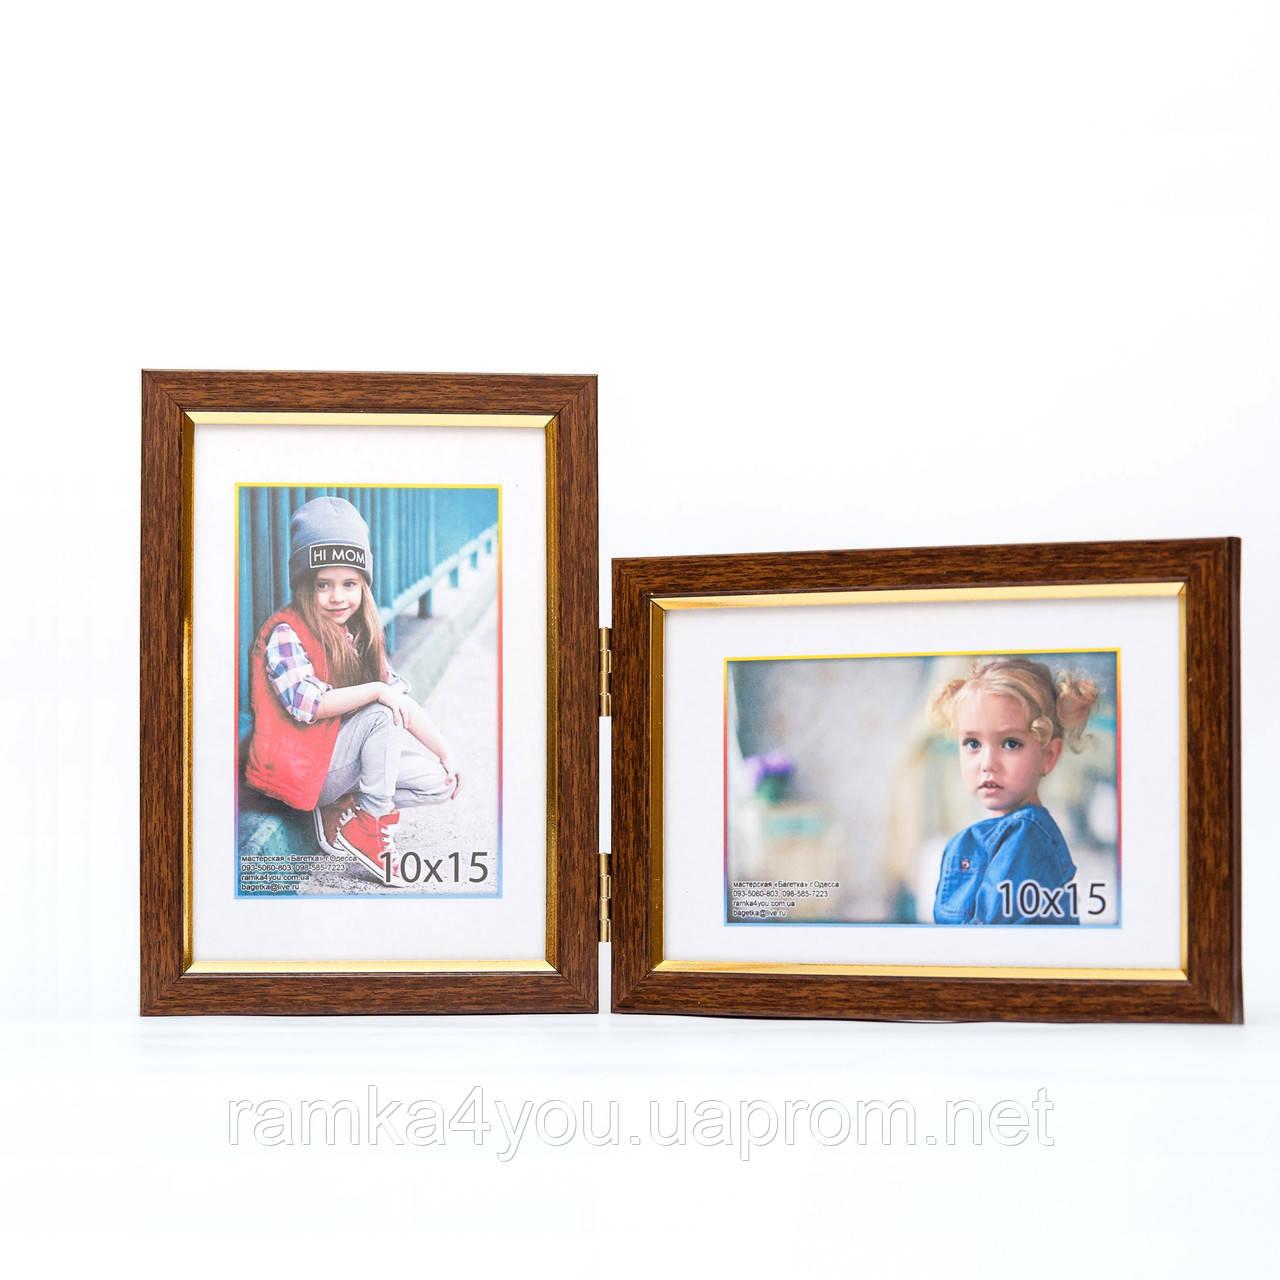 Мультирамка-коллаж настольная на 2 фотографии 10х15 коричневая